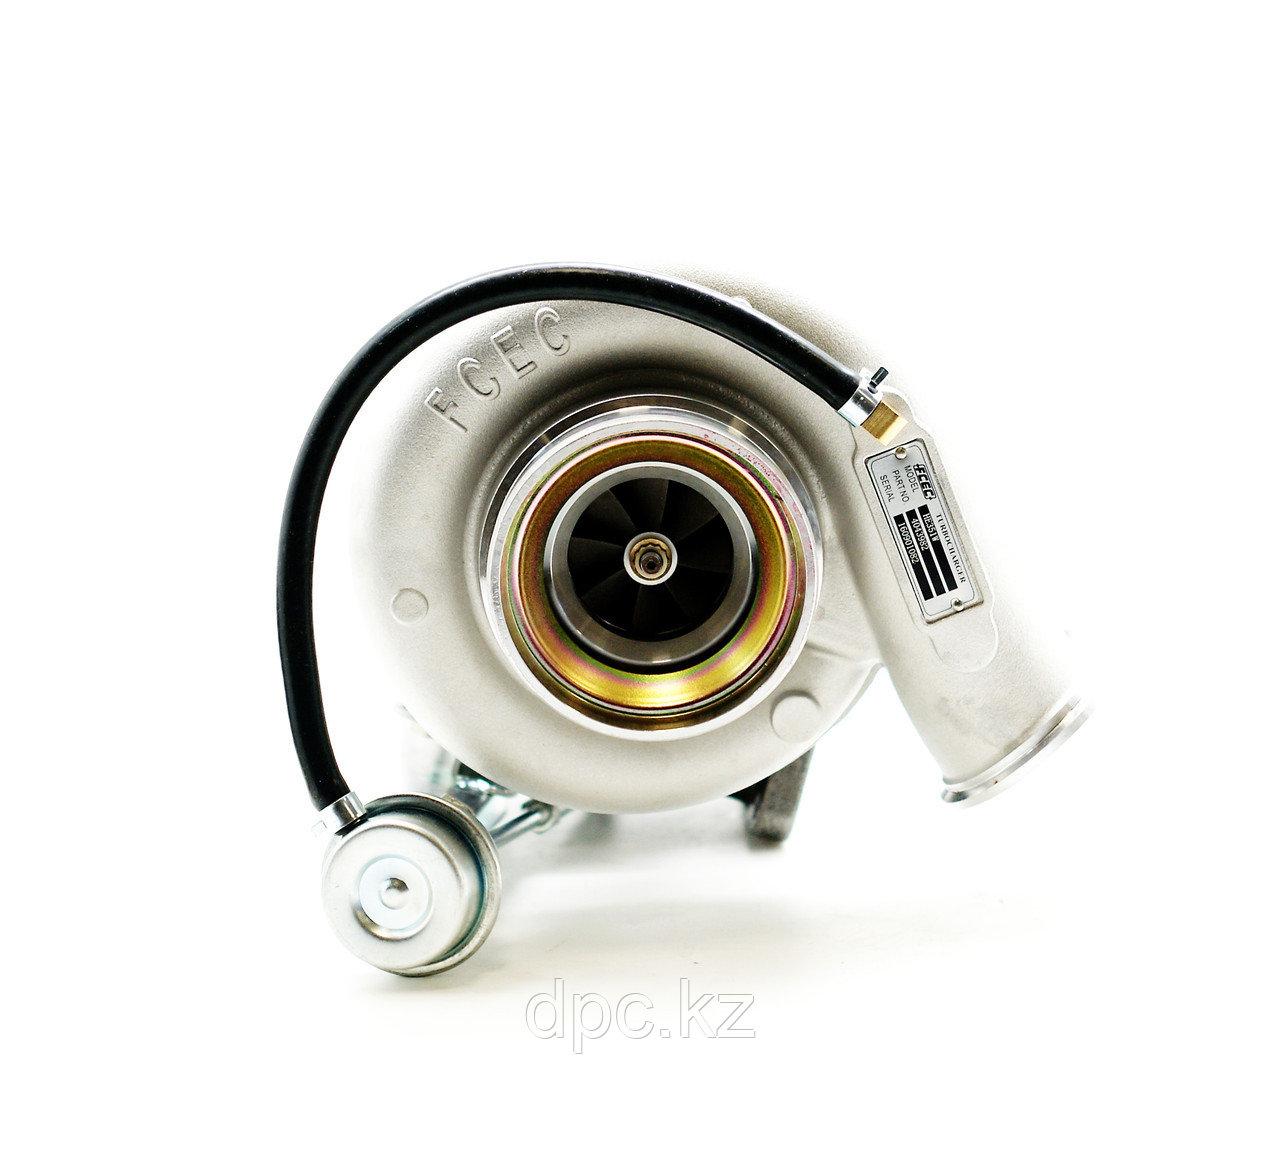 Турбокомпрессор HX351W FCEC для двигателя Cummins 6ISBe 6.7 4043980 4043982 - фото 3